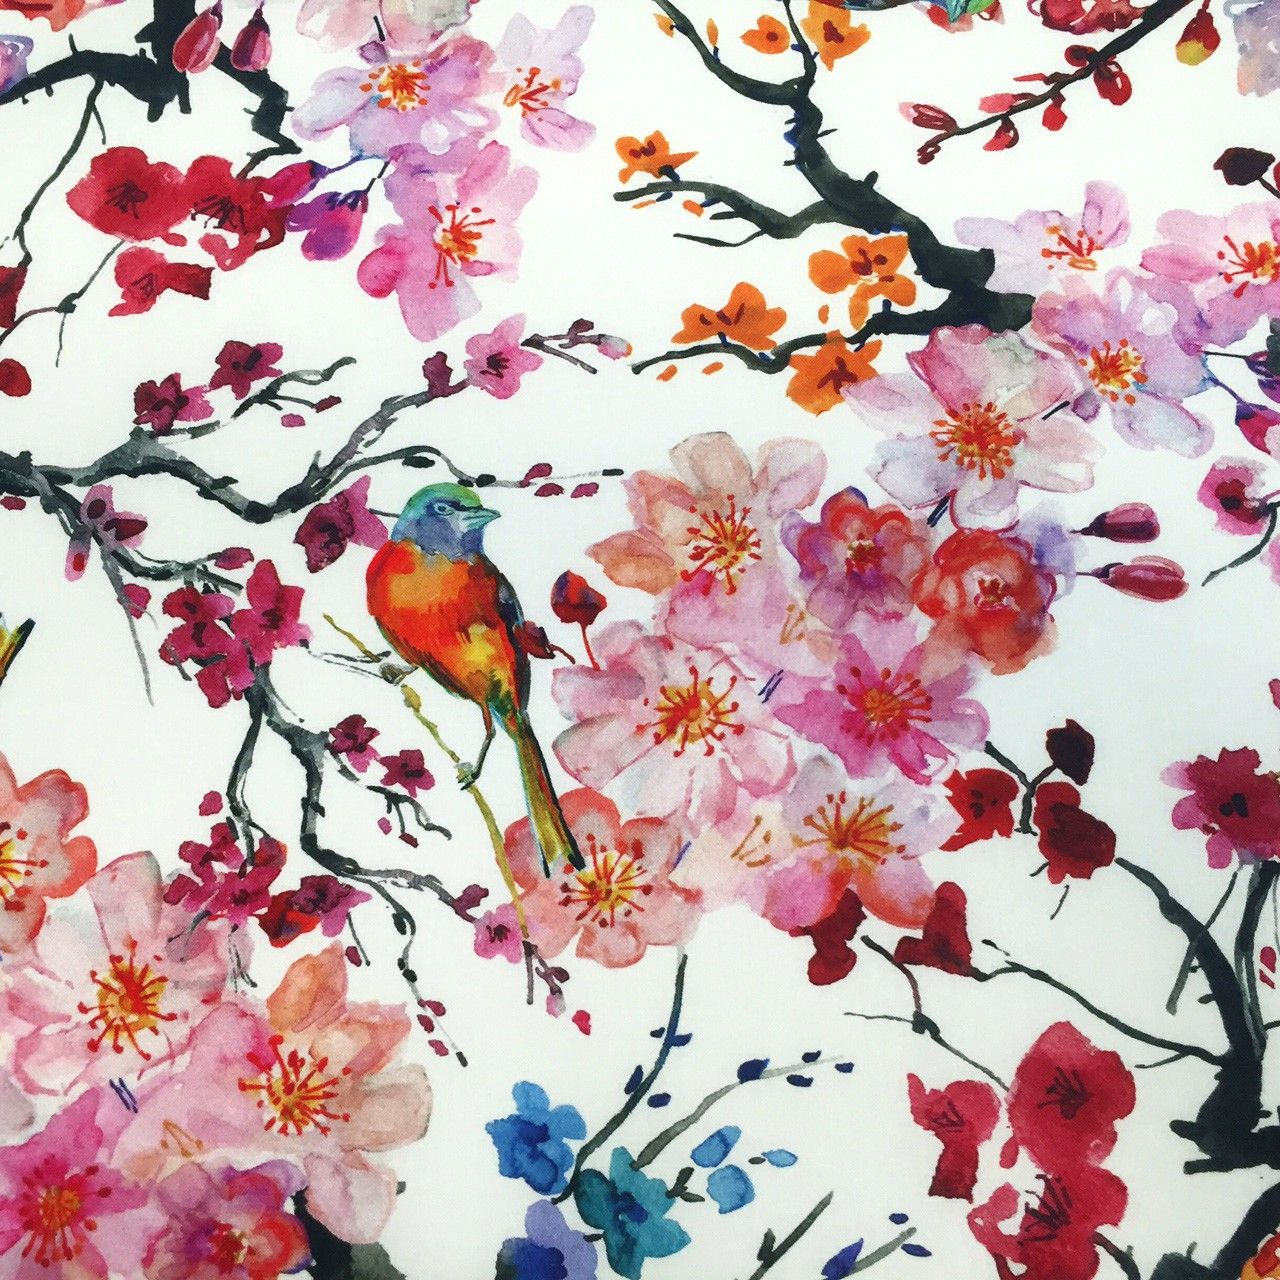 tissu de coton japonais gunma jardin japonais oiseaux et fleurs de cerisier japan. Black Bedroom Furniture Sets. Home Design Ideas